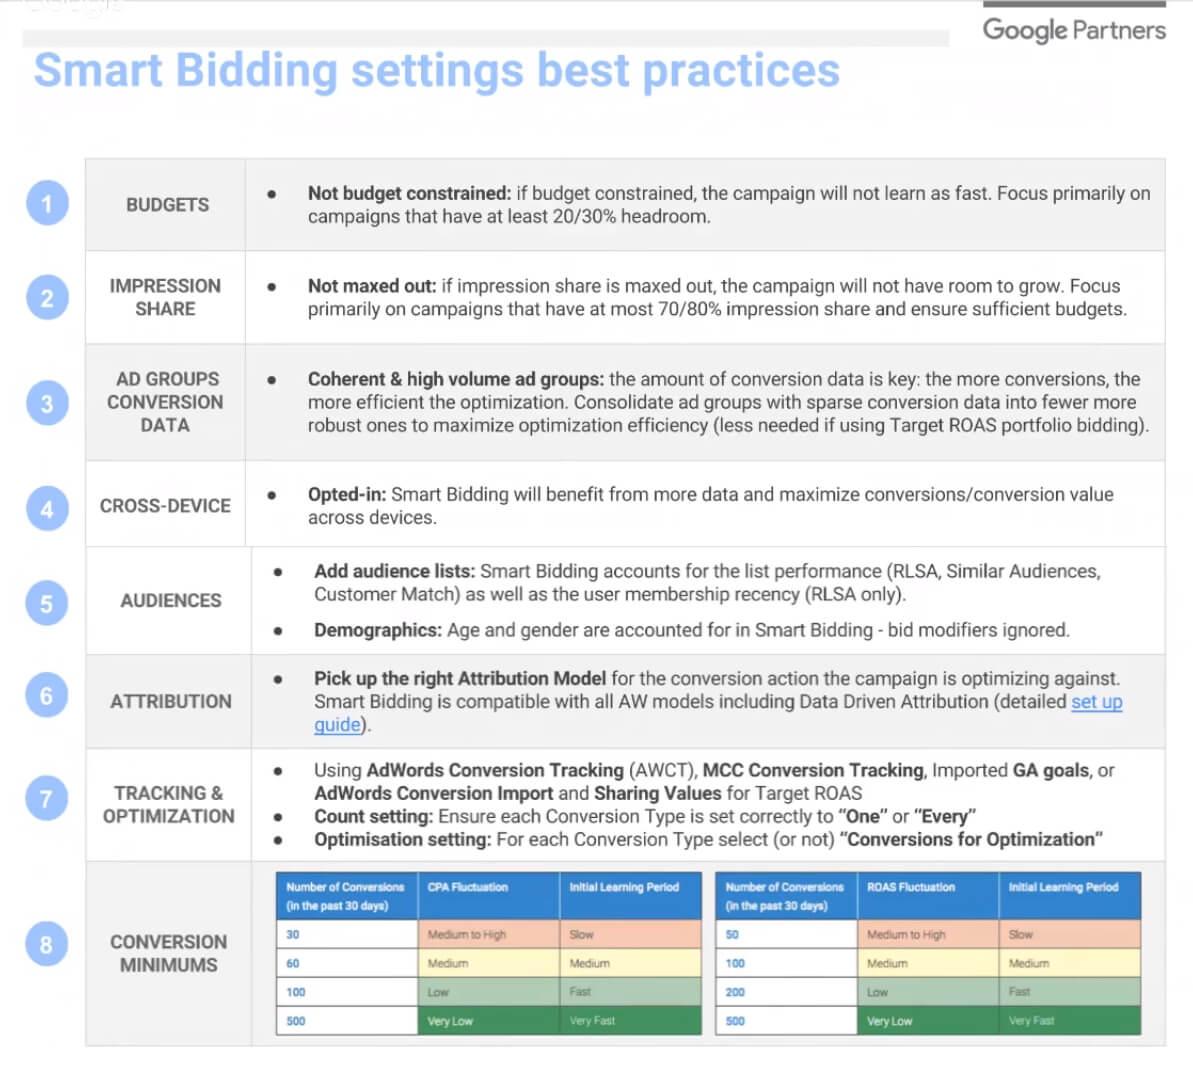 smart bidding best practices